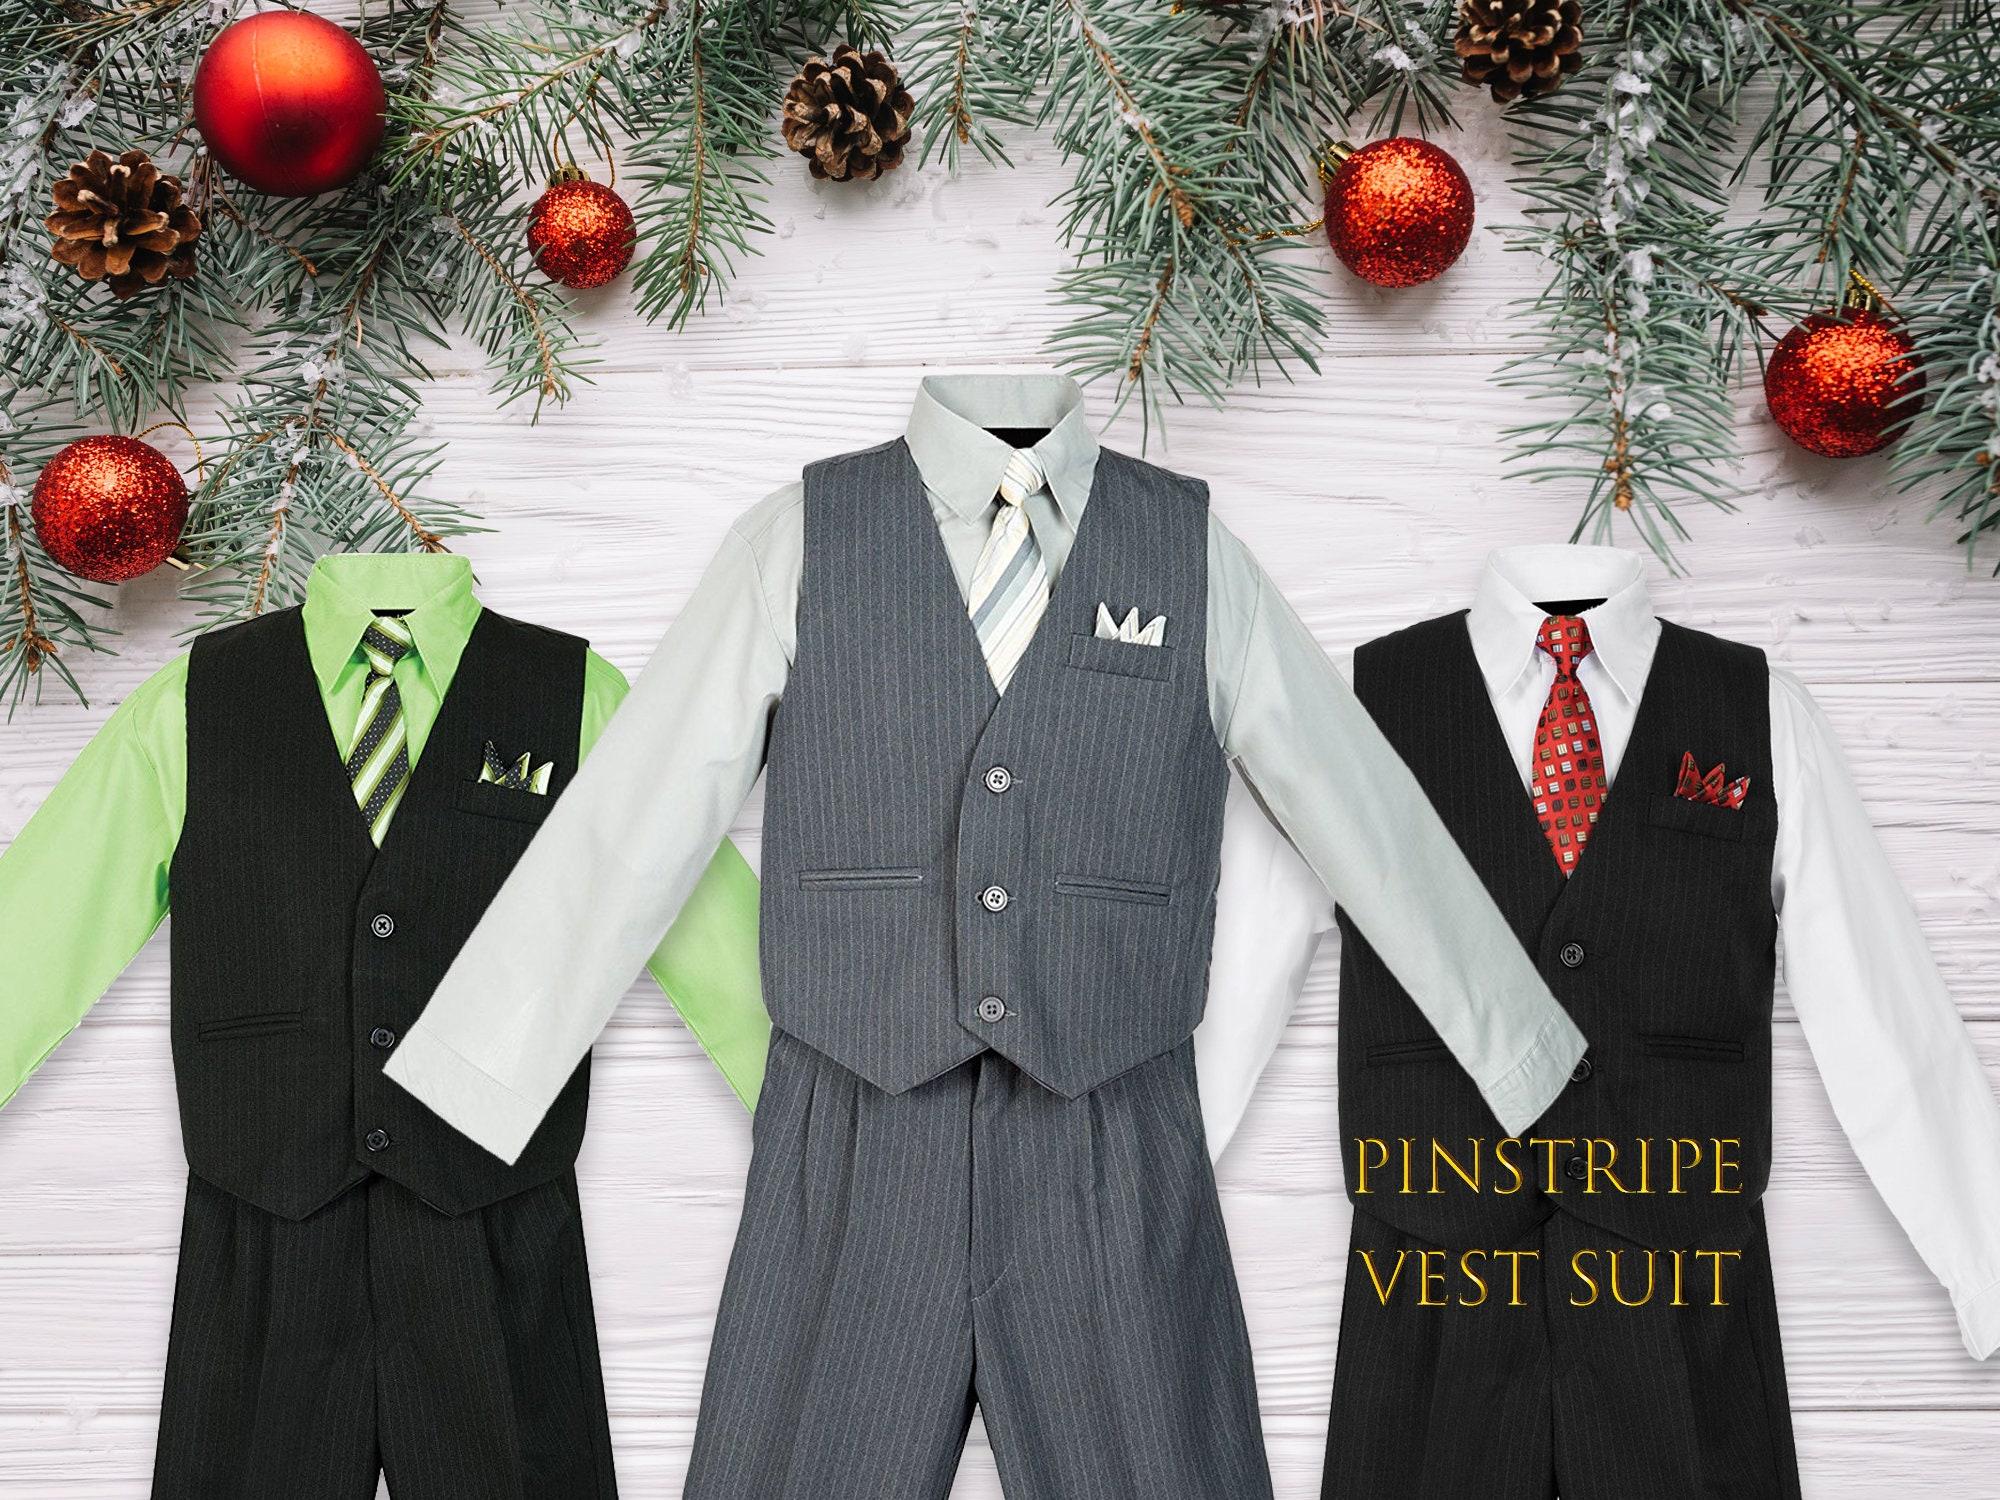 6b88c1e5937a Babies to Big Boys Pinstripe Vest 4-Piece Suit Set with Pants